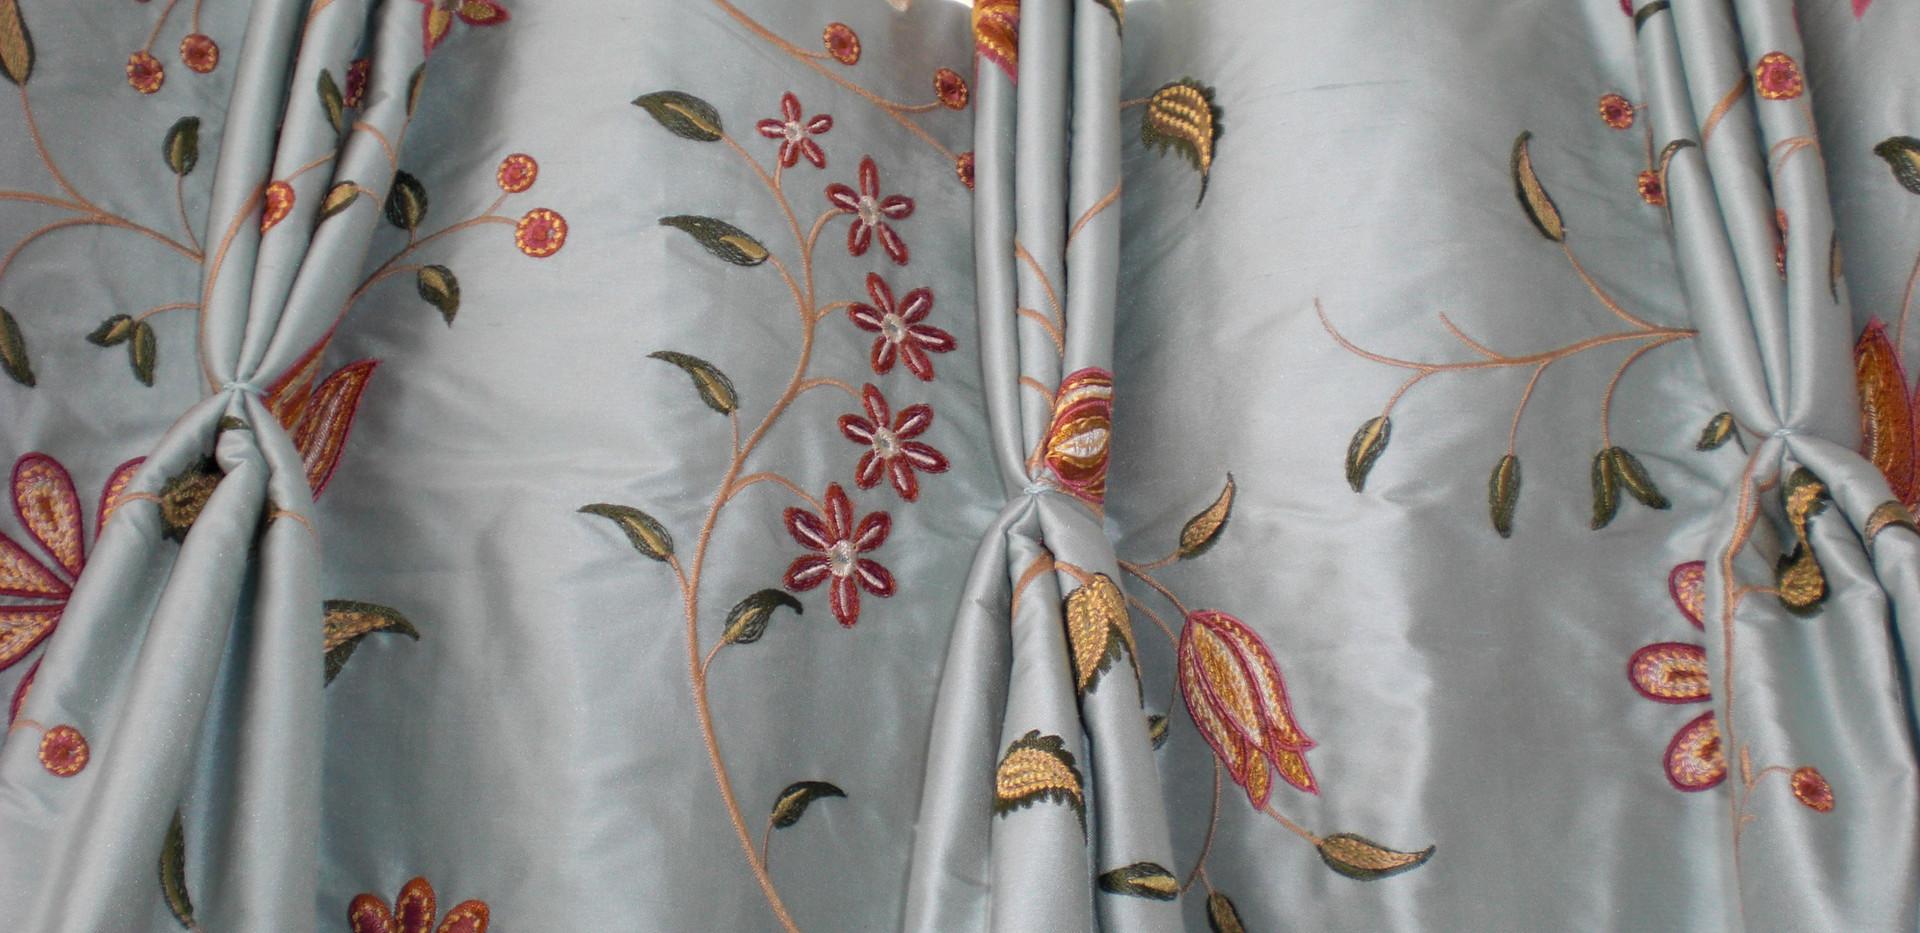 curtains 233 - Copy.jpg